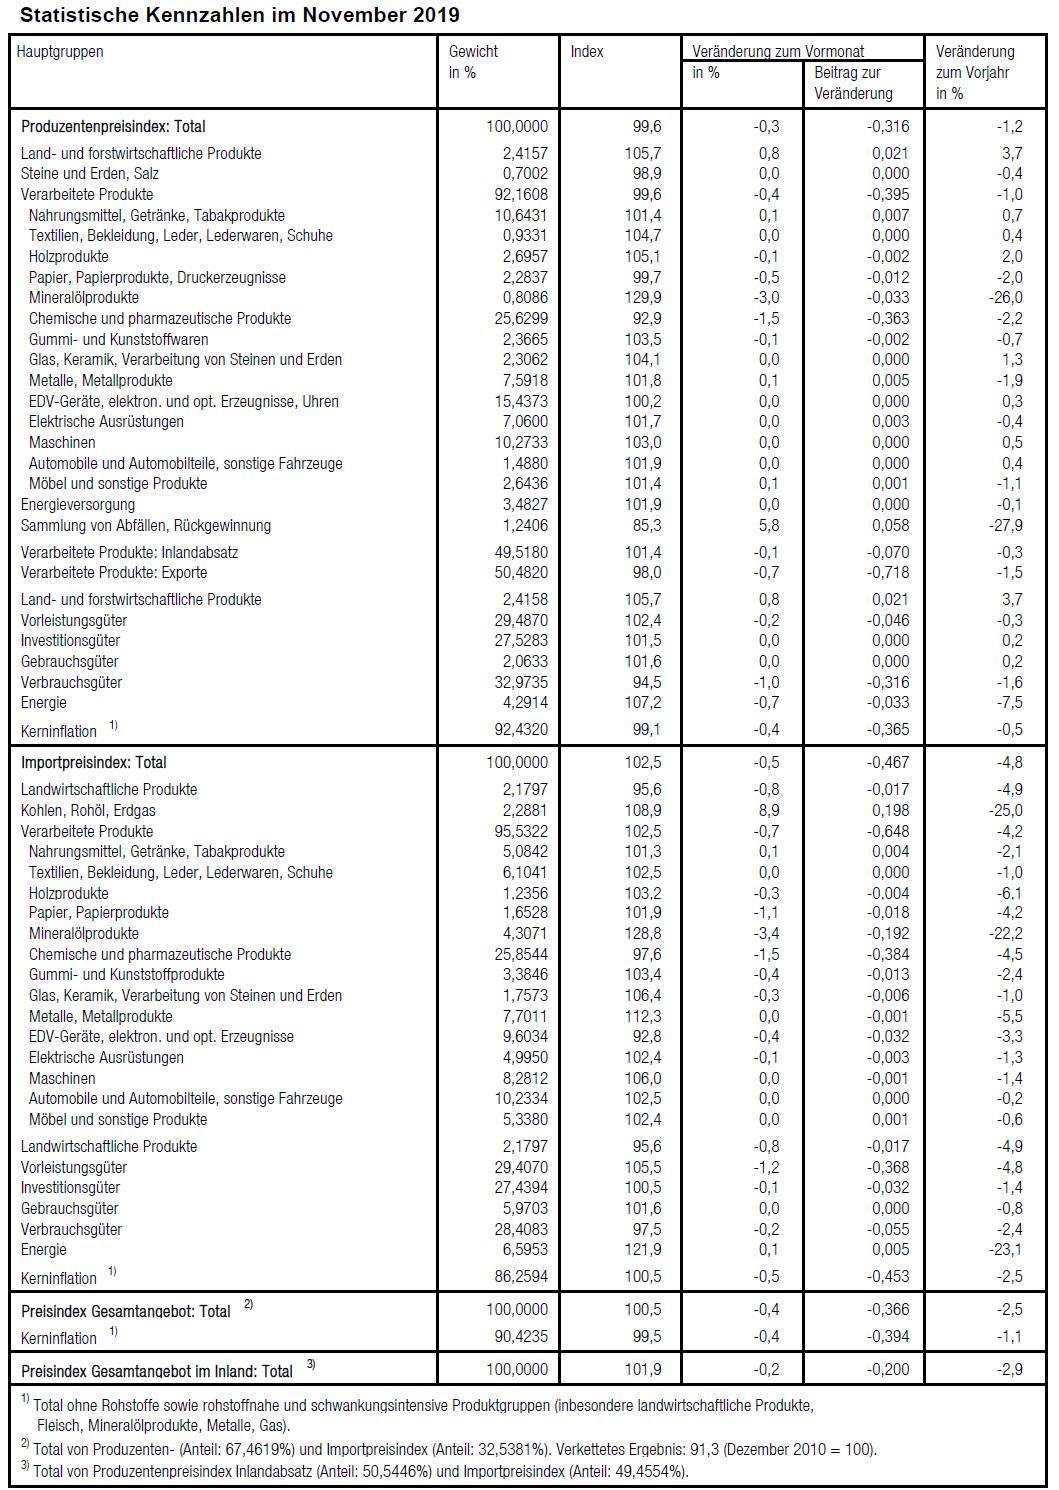 Statistische Kennzahlen im November 2019